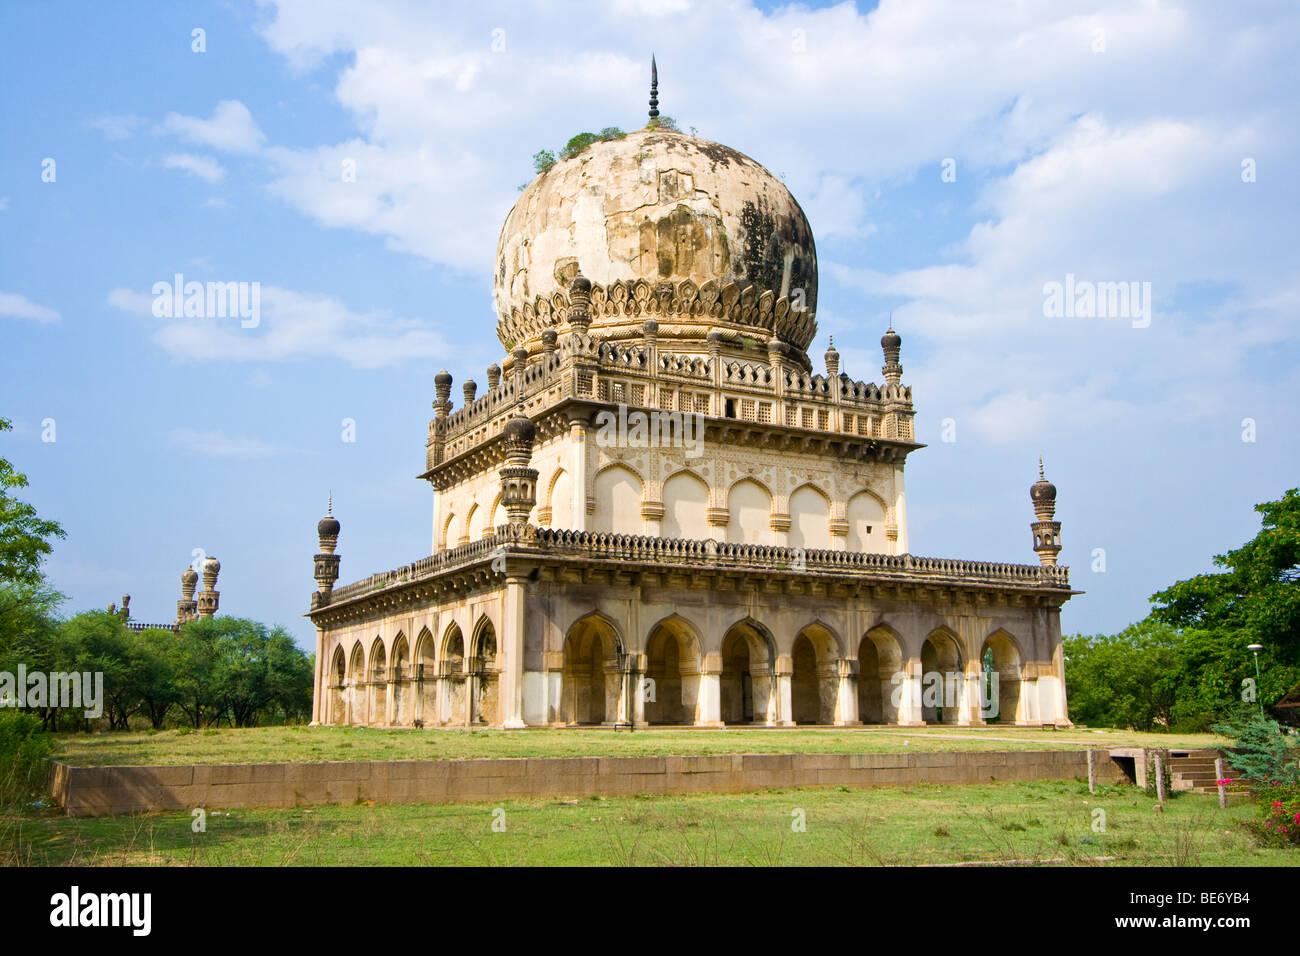 Sultan Muhammad Qutb Shah Qutb Shahi Tomb in Golconda in Hyderabad India - Stock Image